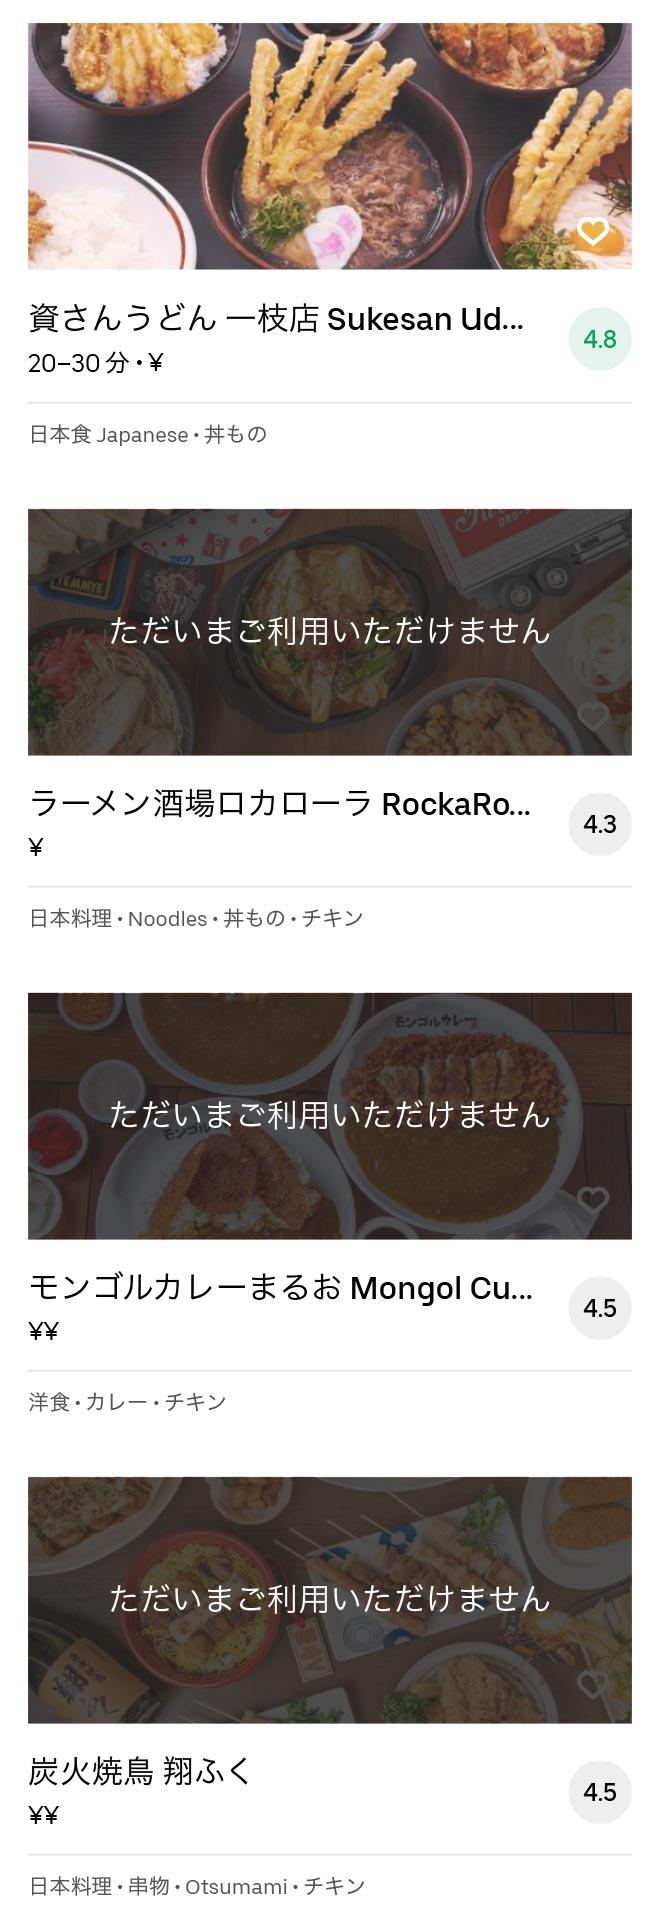 Kyusyu koudai menu 2008 04